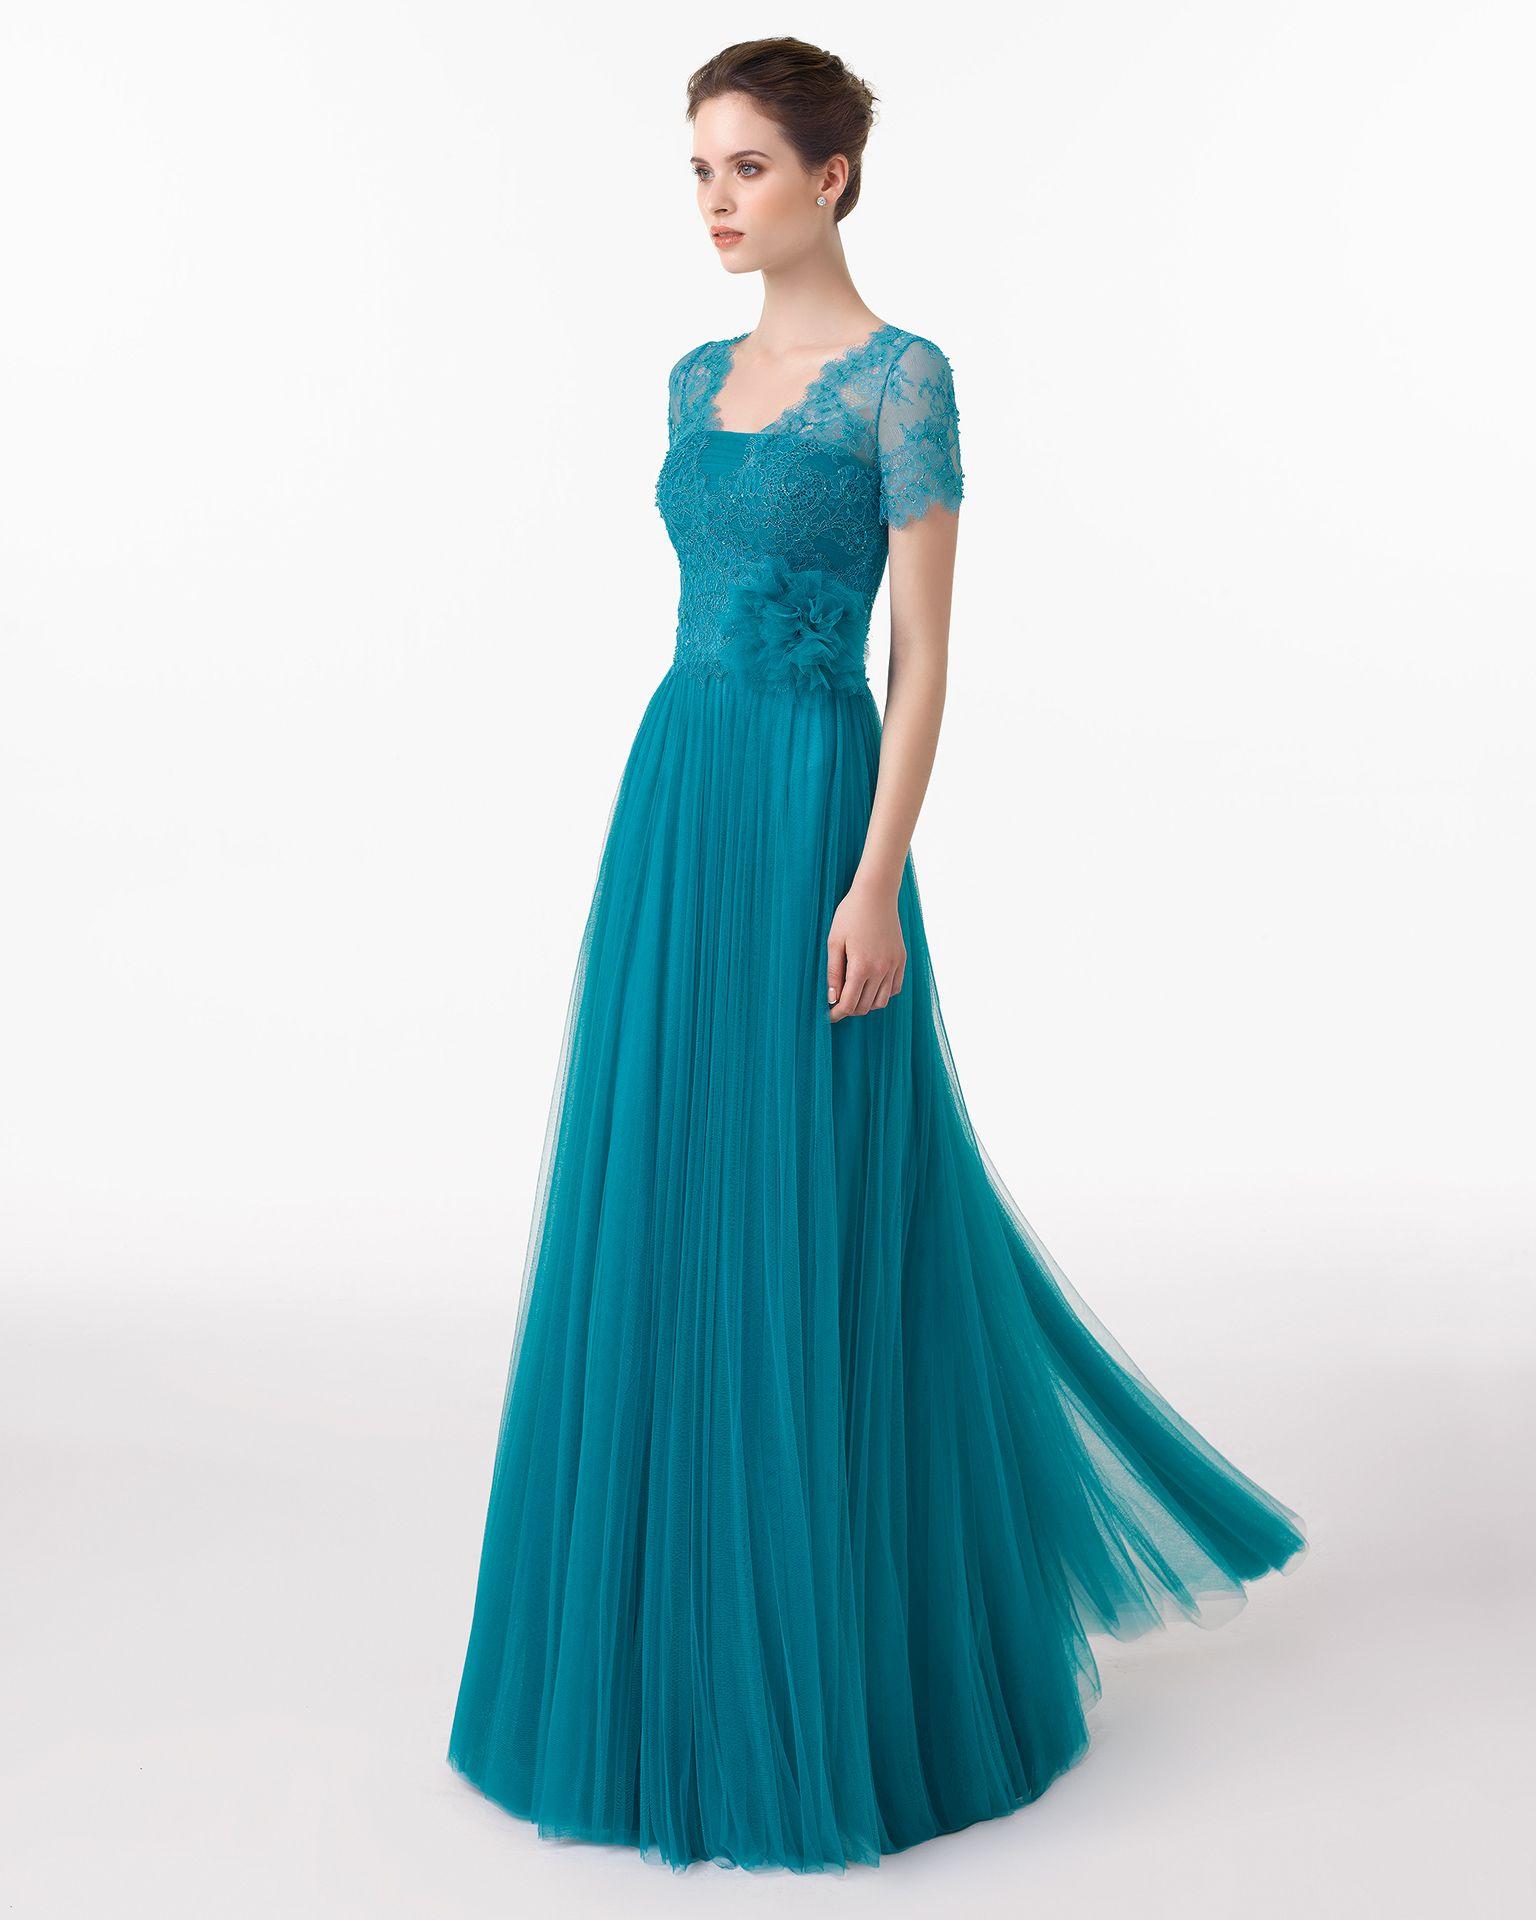 Vestido y chal de tul sedoso, encaje y florColor esmeralda – rosa ...